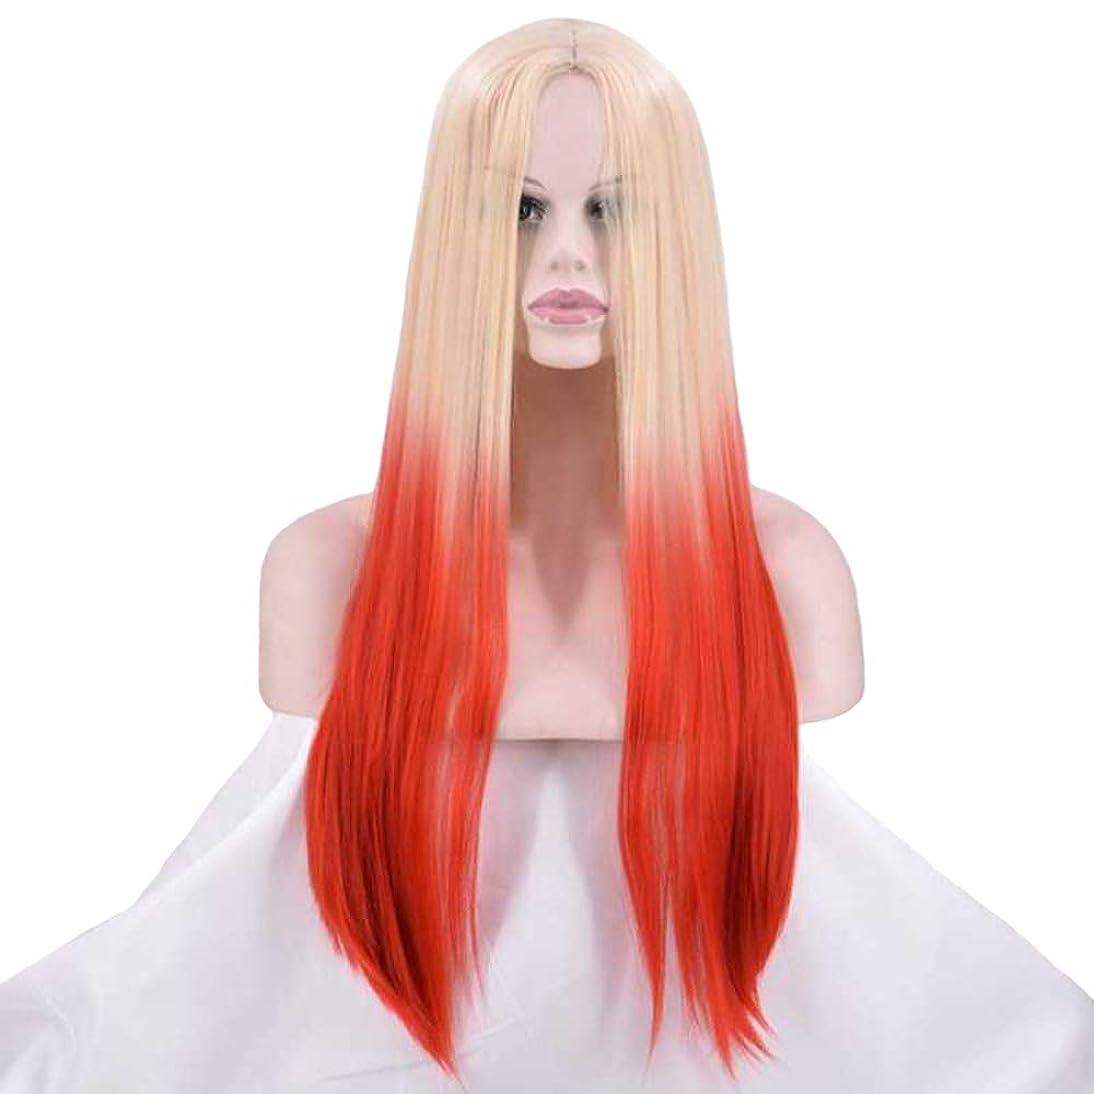 合理的協力即席かつら - ファッションロングストレート高温シルクウィッグ自然耐熱ボールコスプレハロウィーン60cmグラデーション (色 : Orange, サイズ さいず : 60 cm 60 cm)